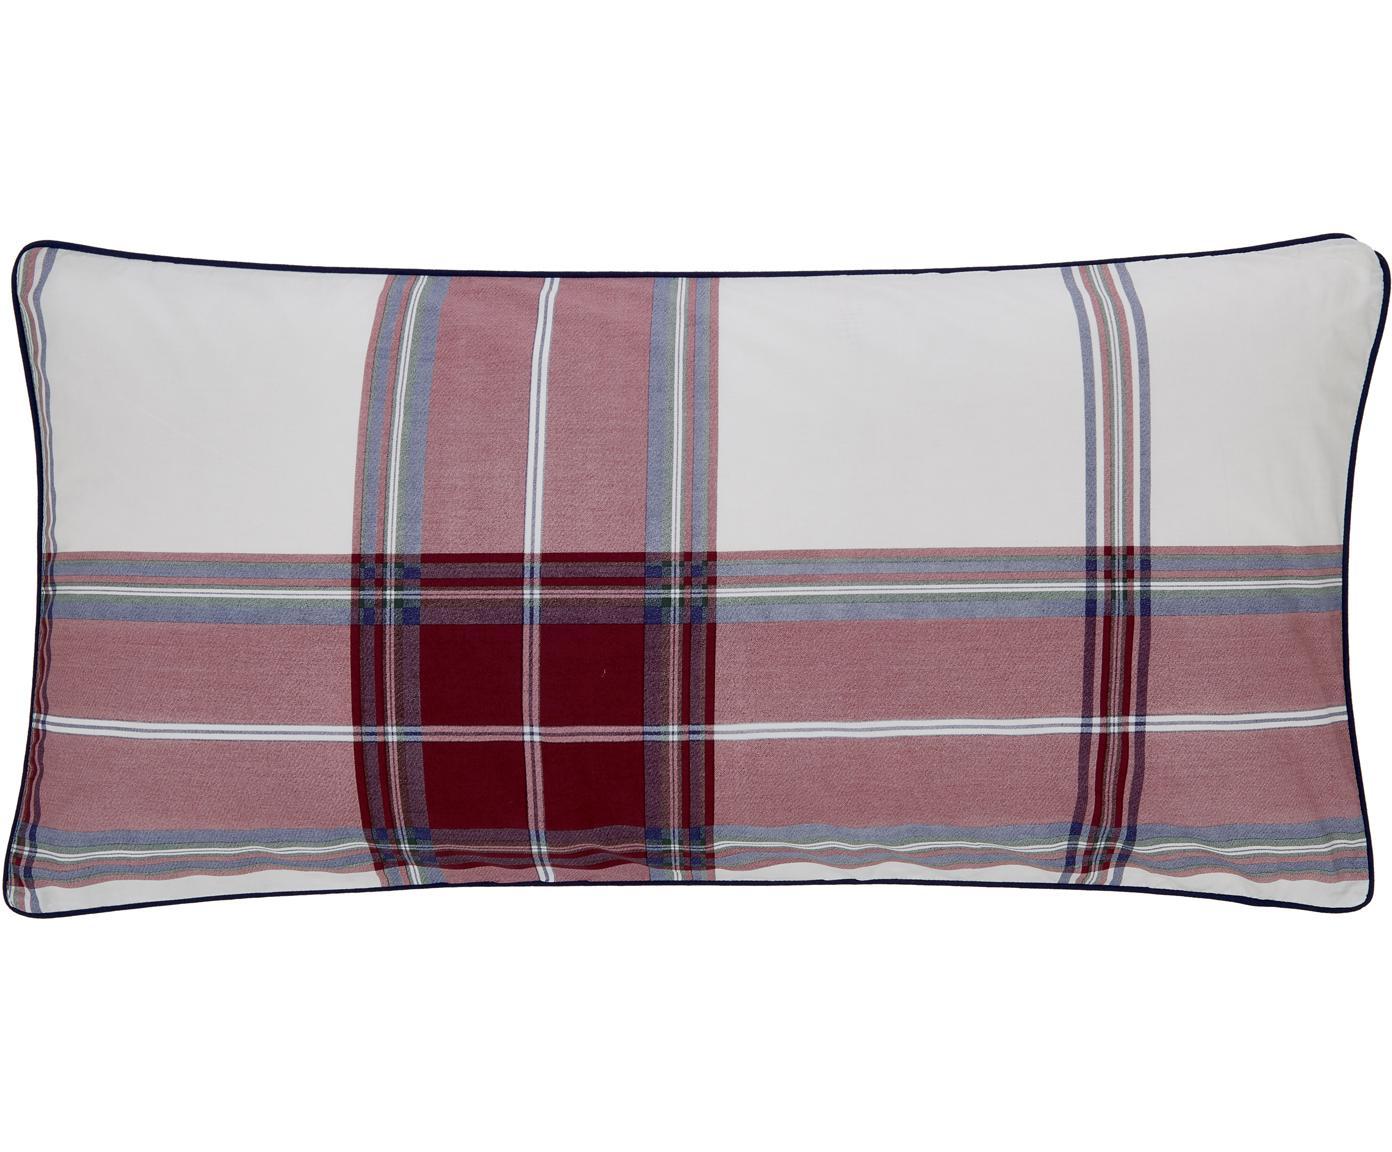 Poszewka na poduszkę z perkalu Scarlet, 2 szt., Kremowobiały, czerwony, niebieski, S 40 x D 80 cm